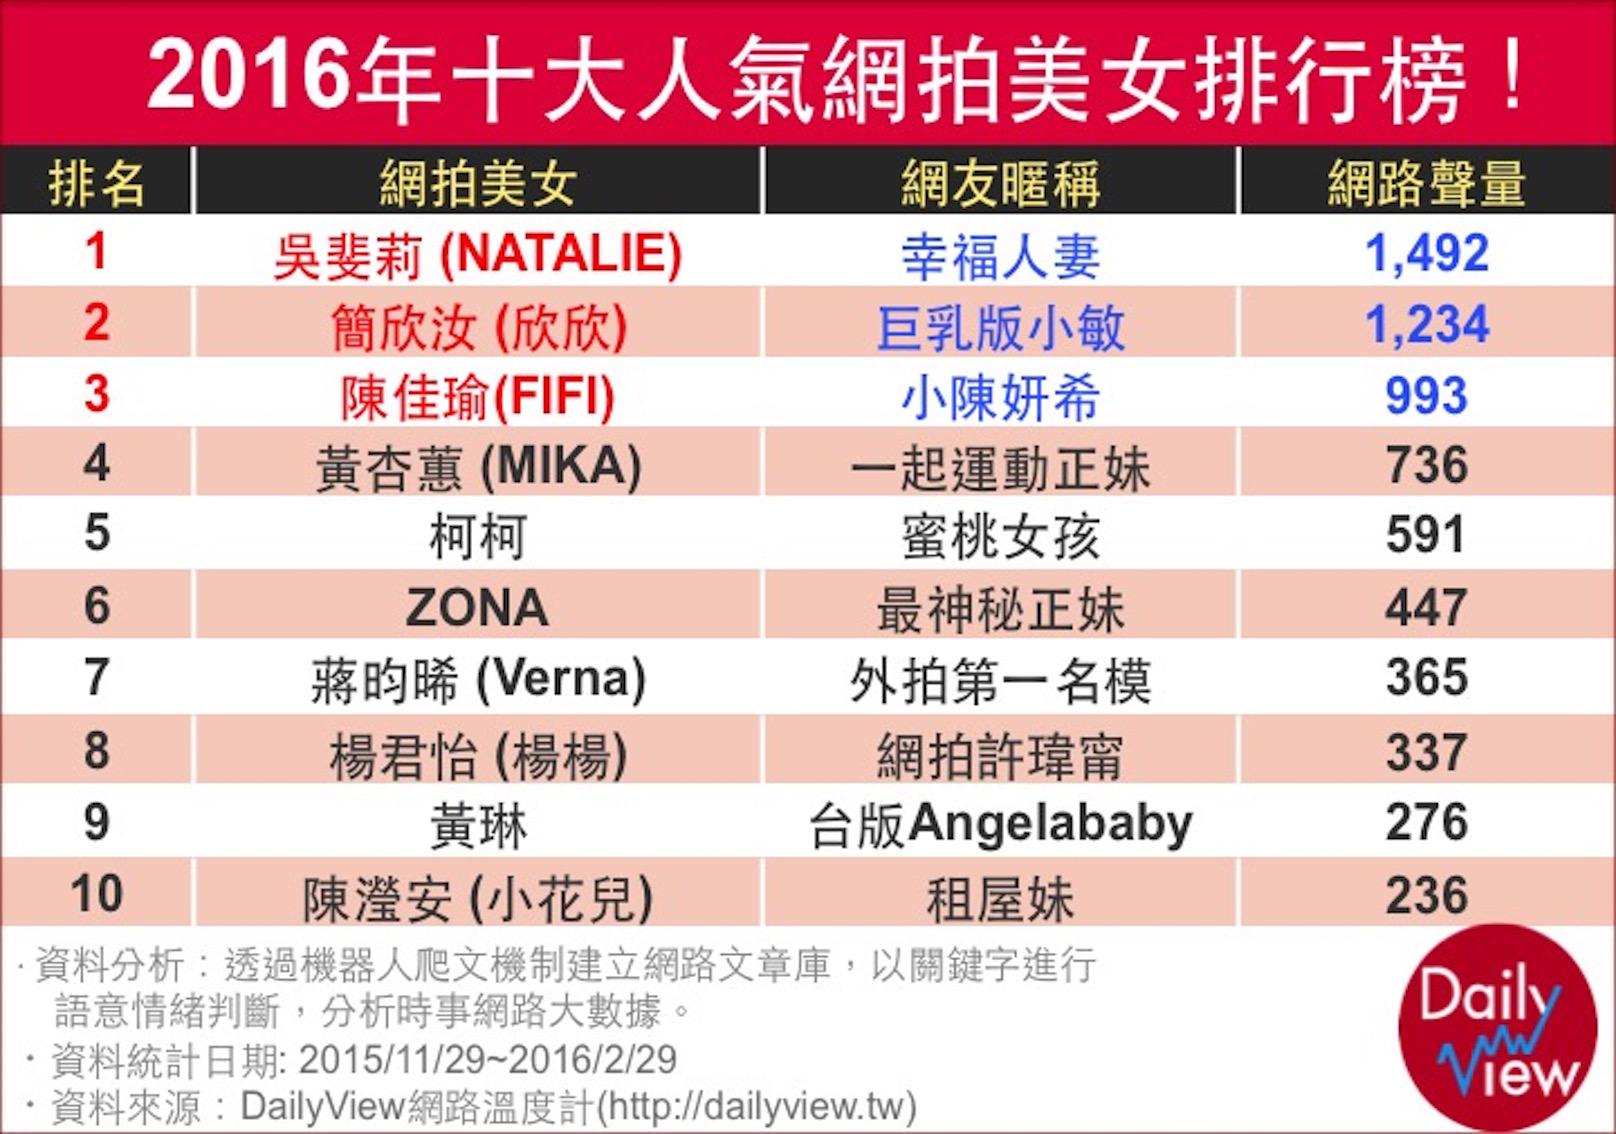 2016年十大人氣網拍美女排行榜!